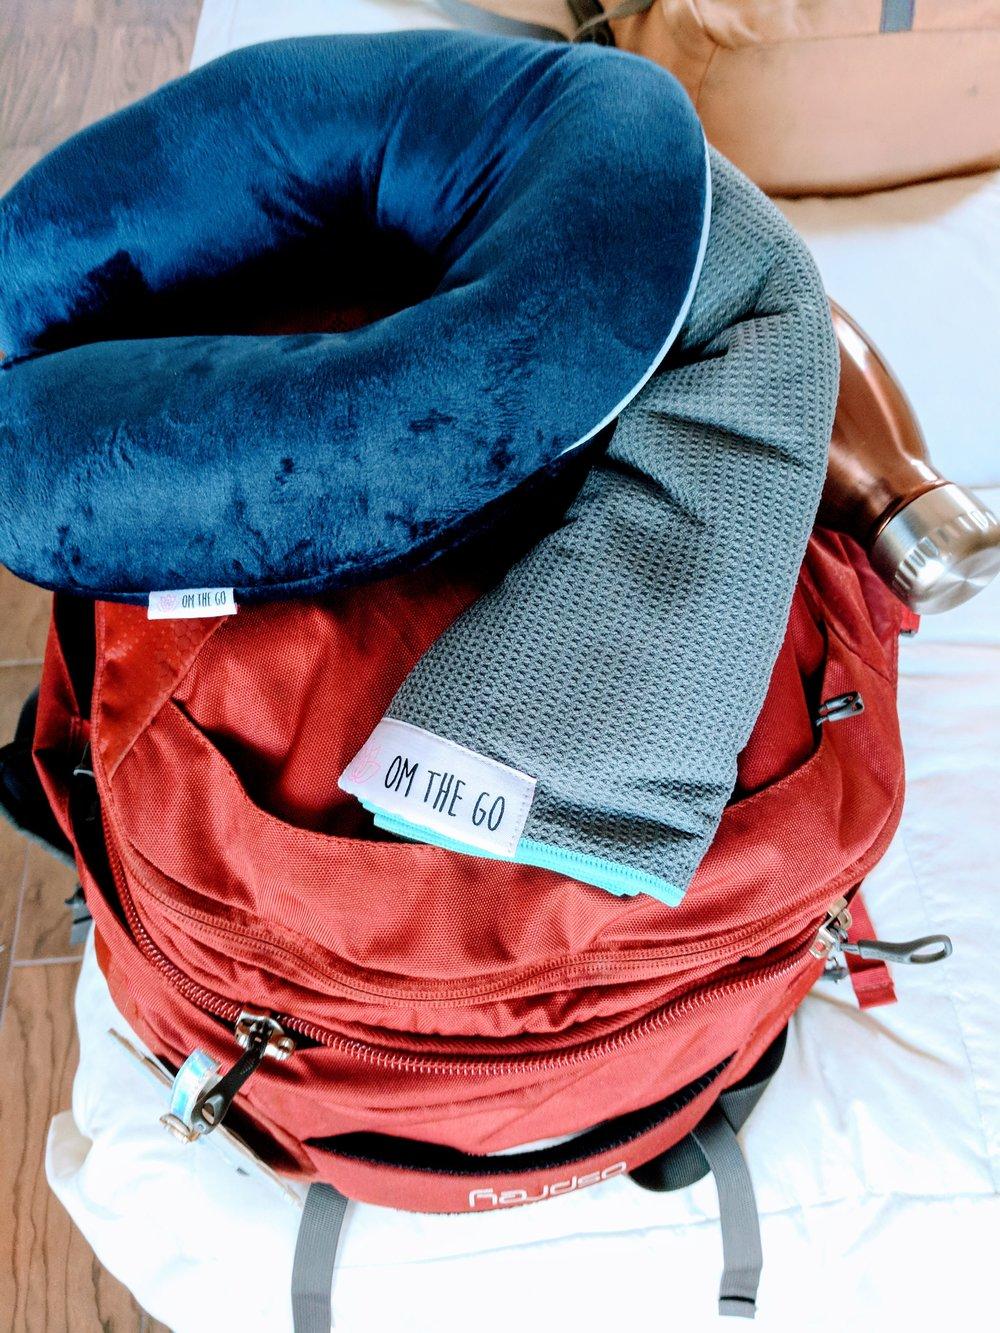 best_travel_yoga_mat_asana_pillow.jpg